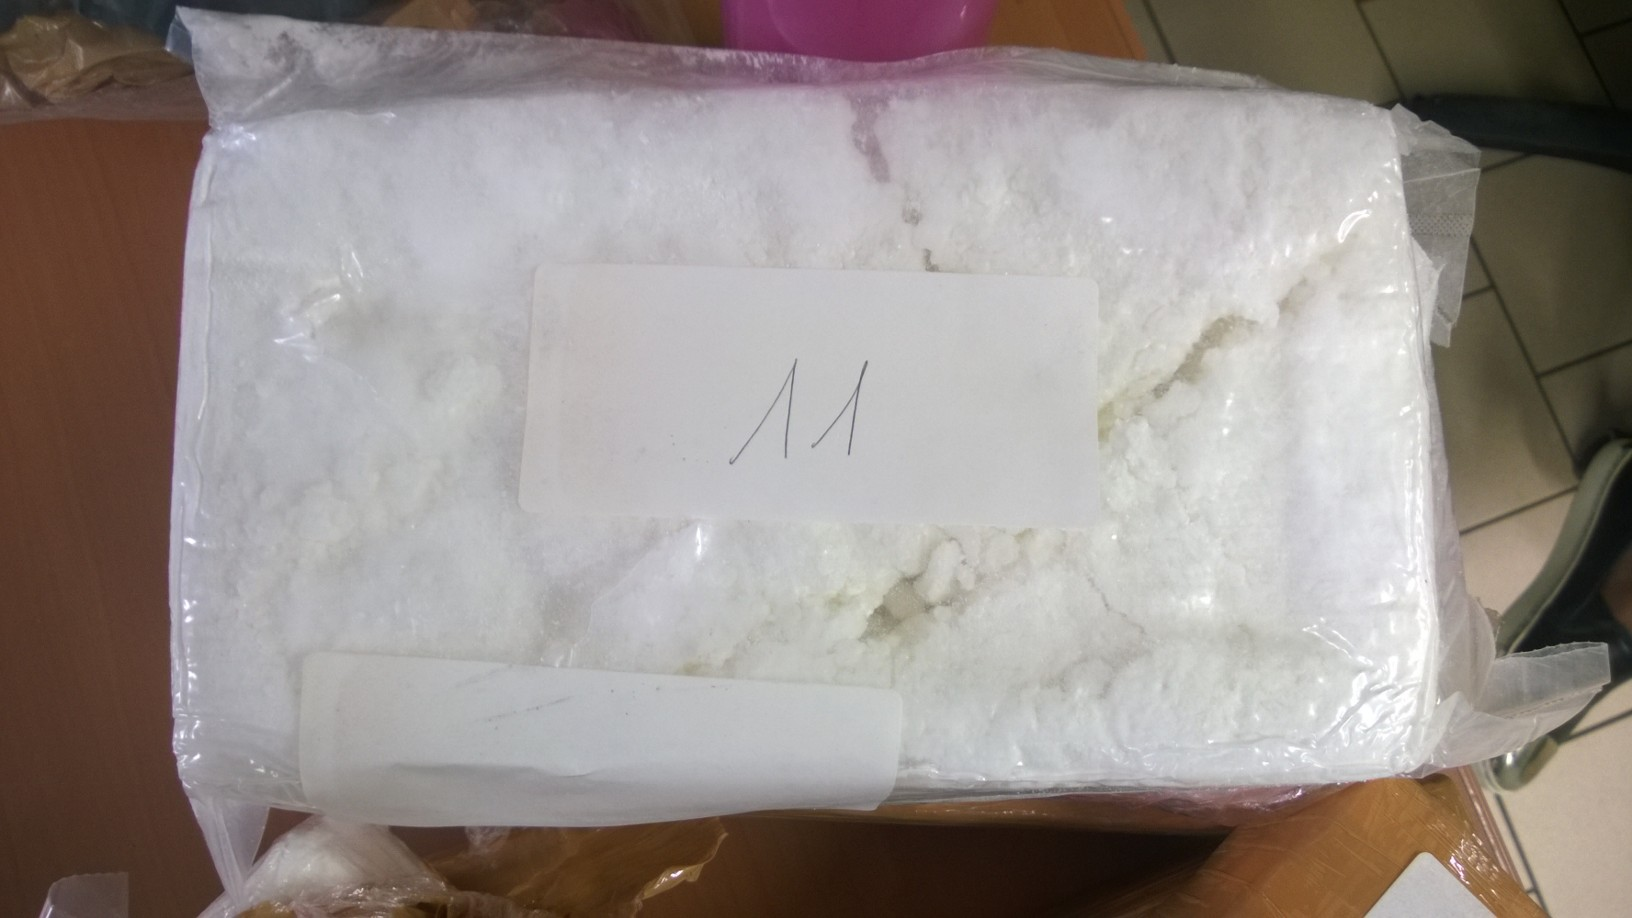 La cocaïne saisie représente une valeur de 1,5 million d'euros àla revente (Photo : Douane)